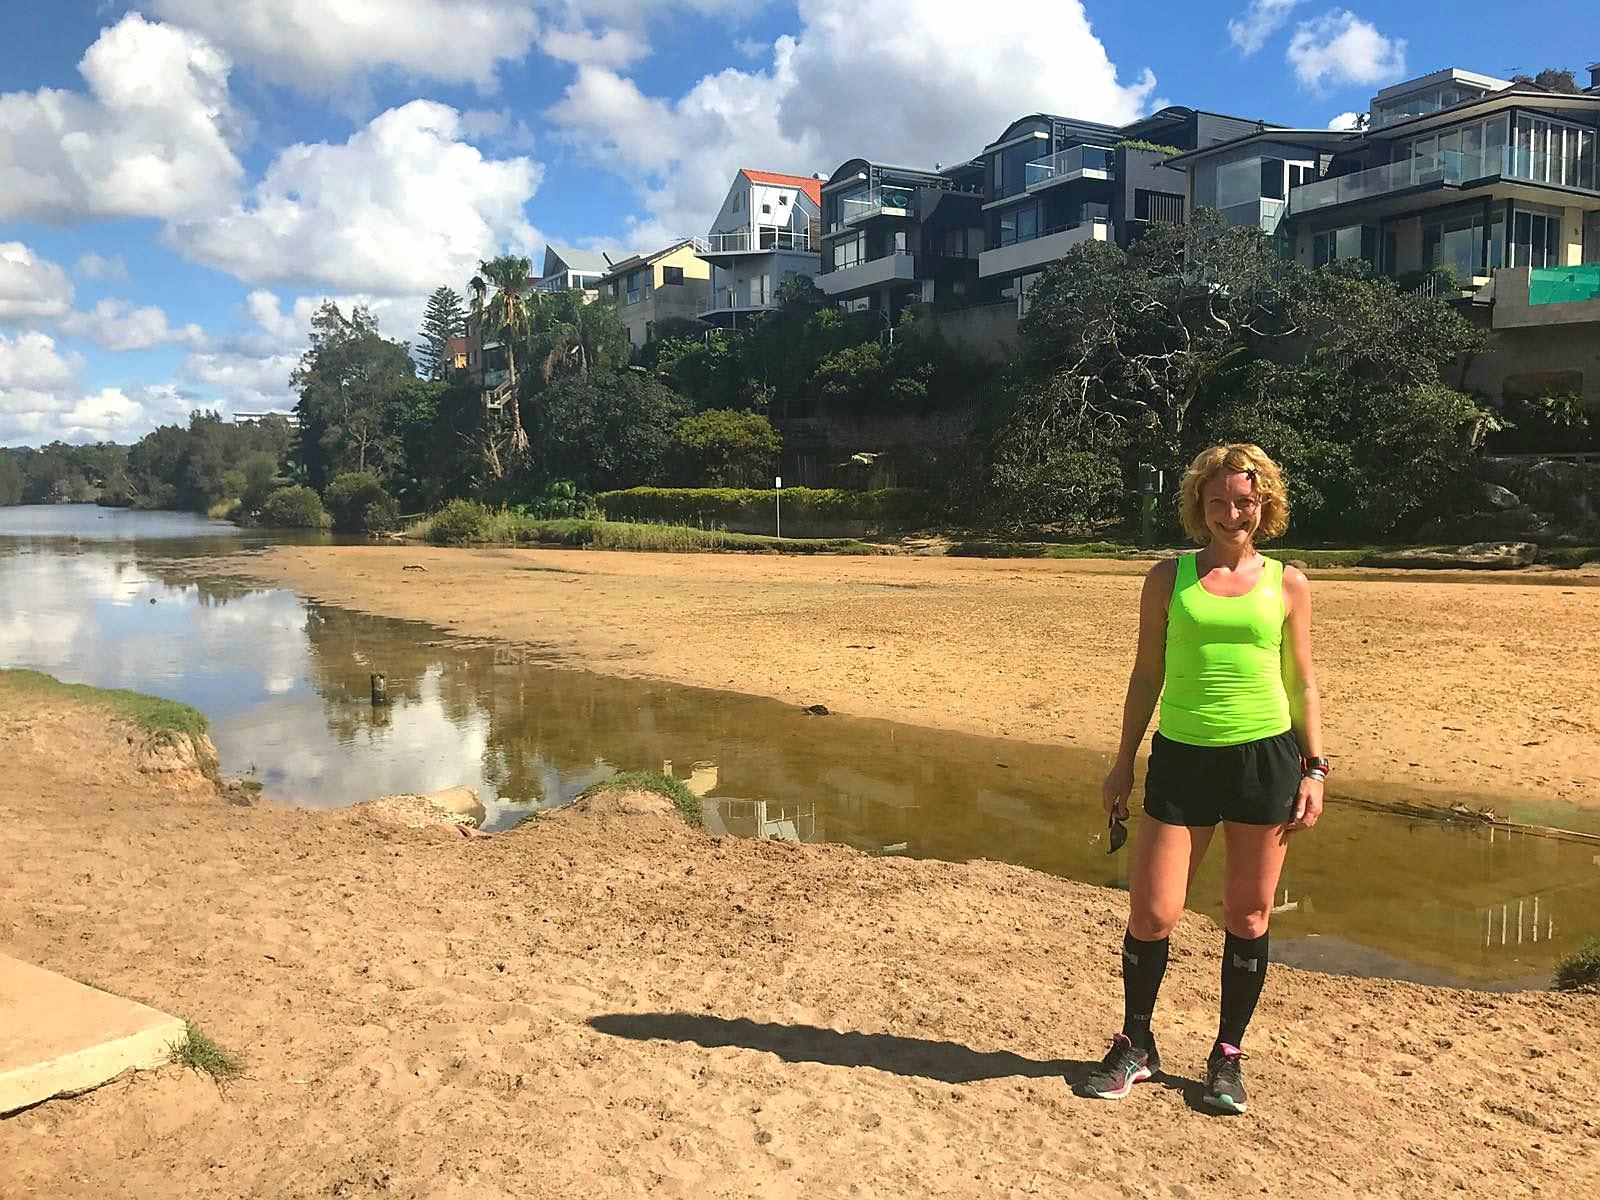 Hardlopen in Manly, de lagoon